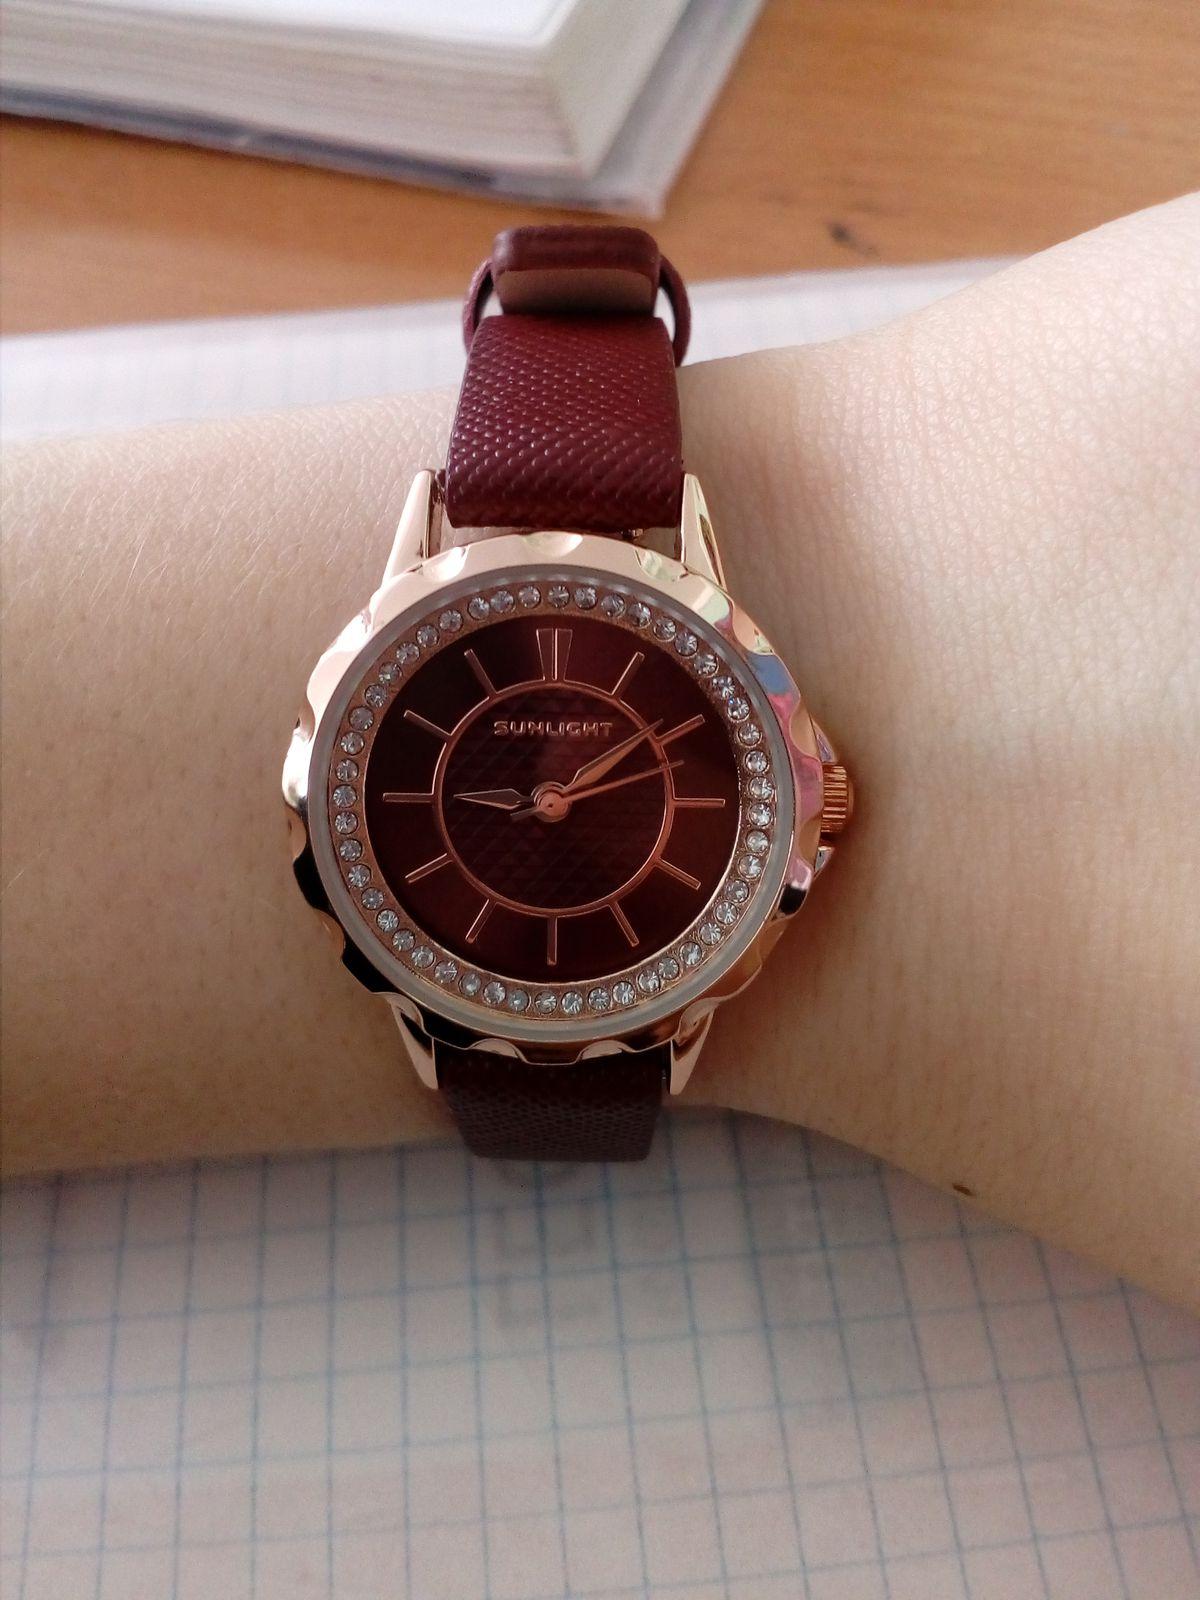 Просто замечательные часы. Очень довольна покупкой